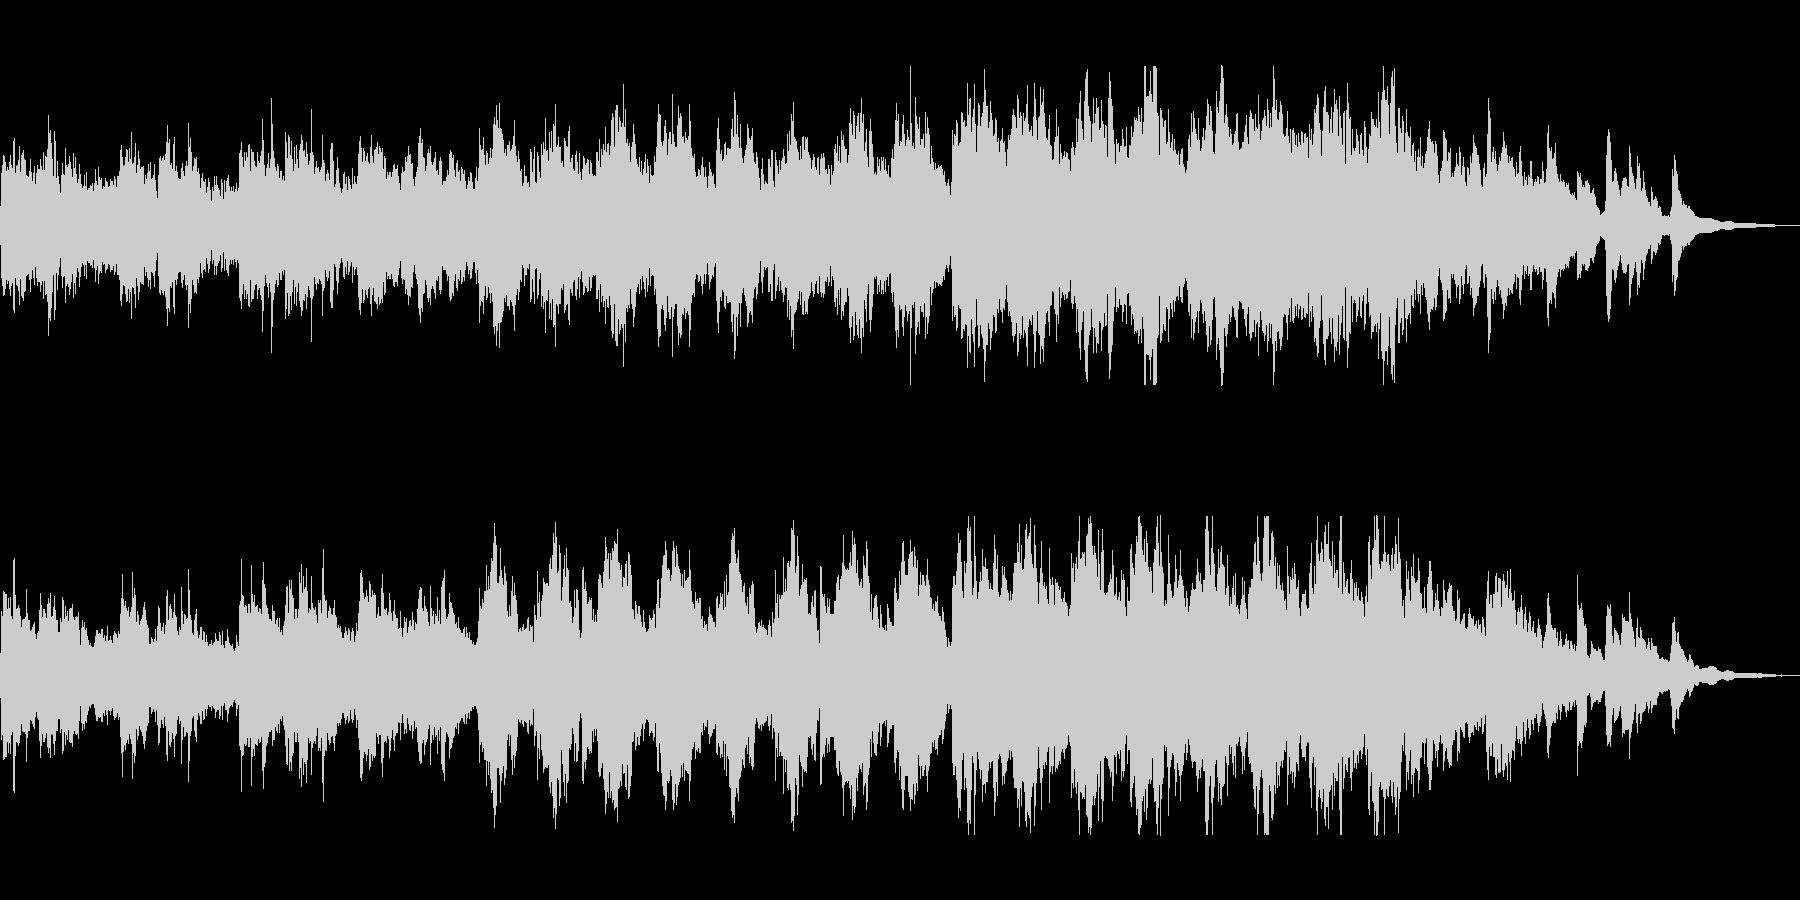 ハープの幻想的なヒーリングサウンドの未再生の波形